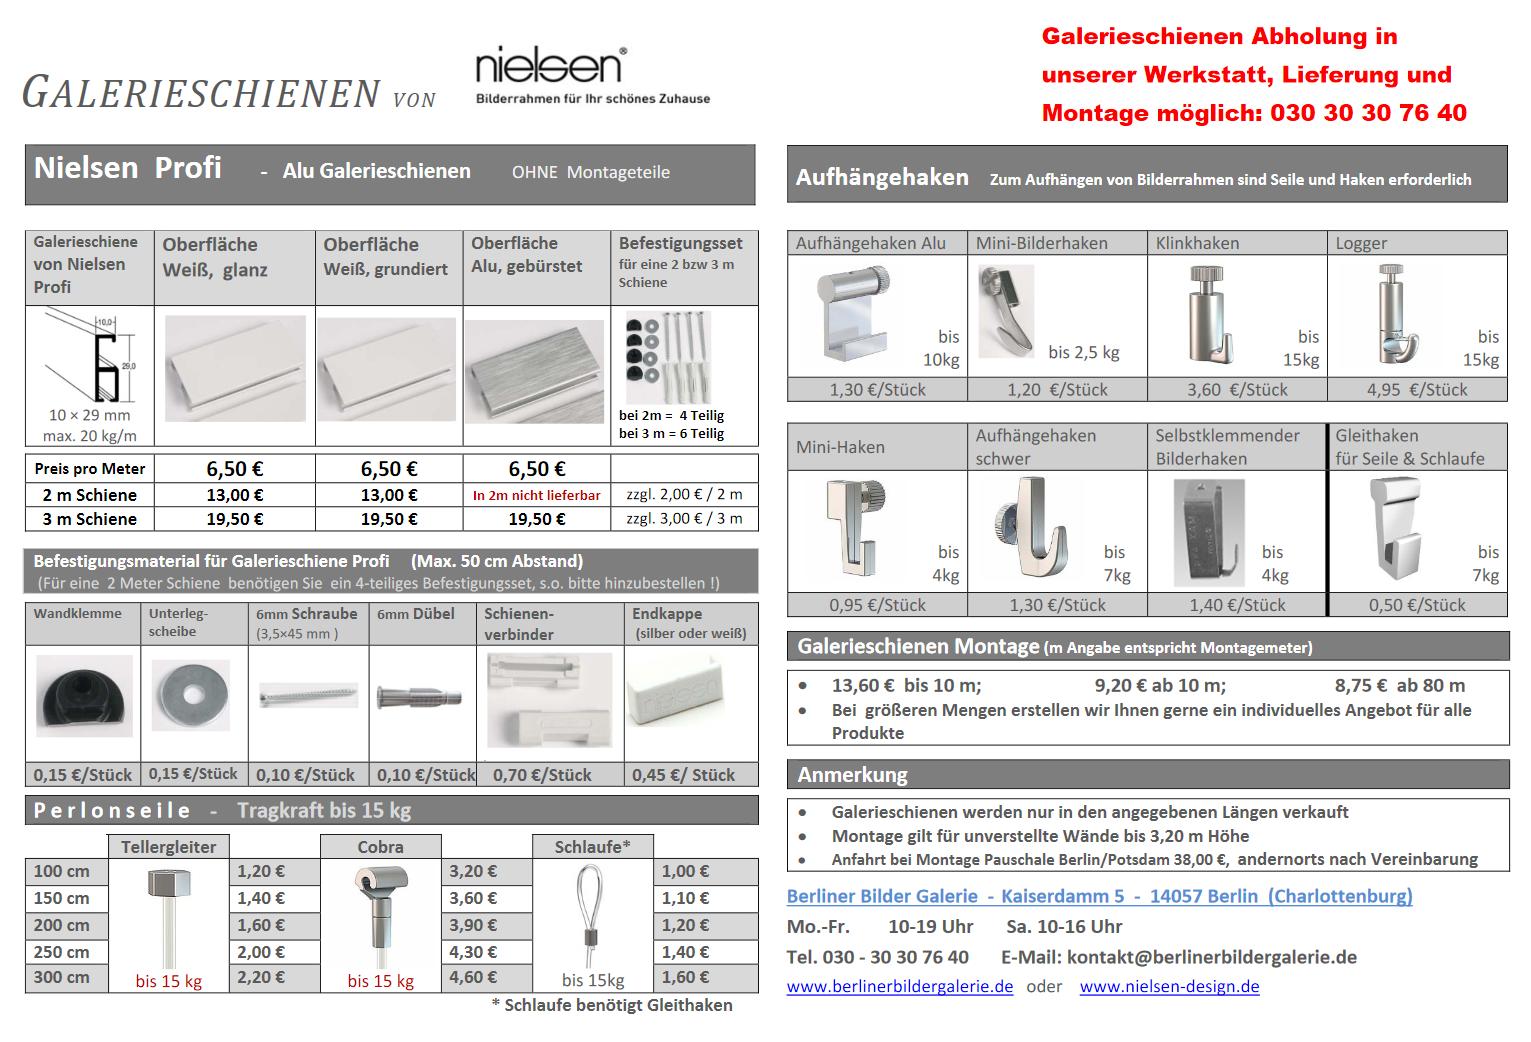 Nielsen-Galerieschienen-Bilderschienen-Berliner-Bilder-Galerie-jpg